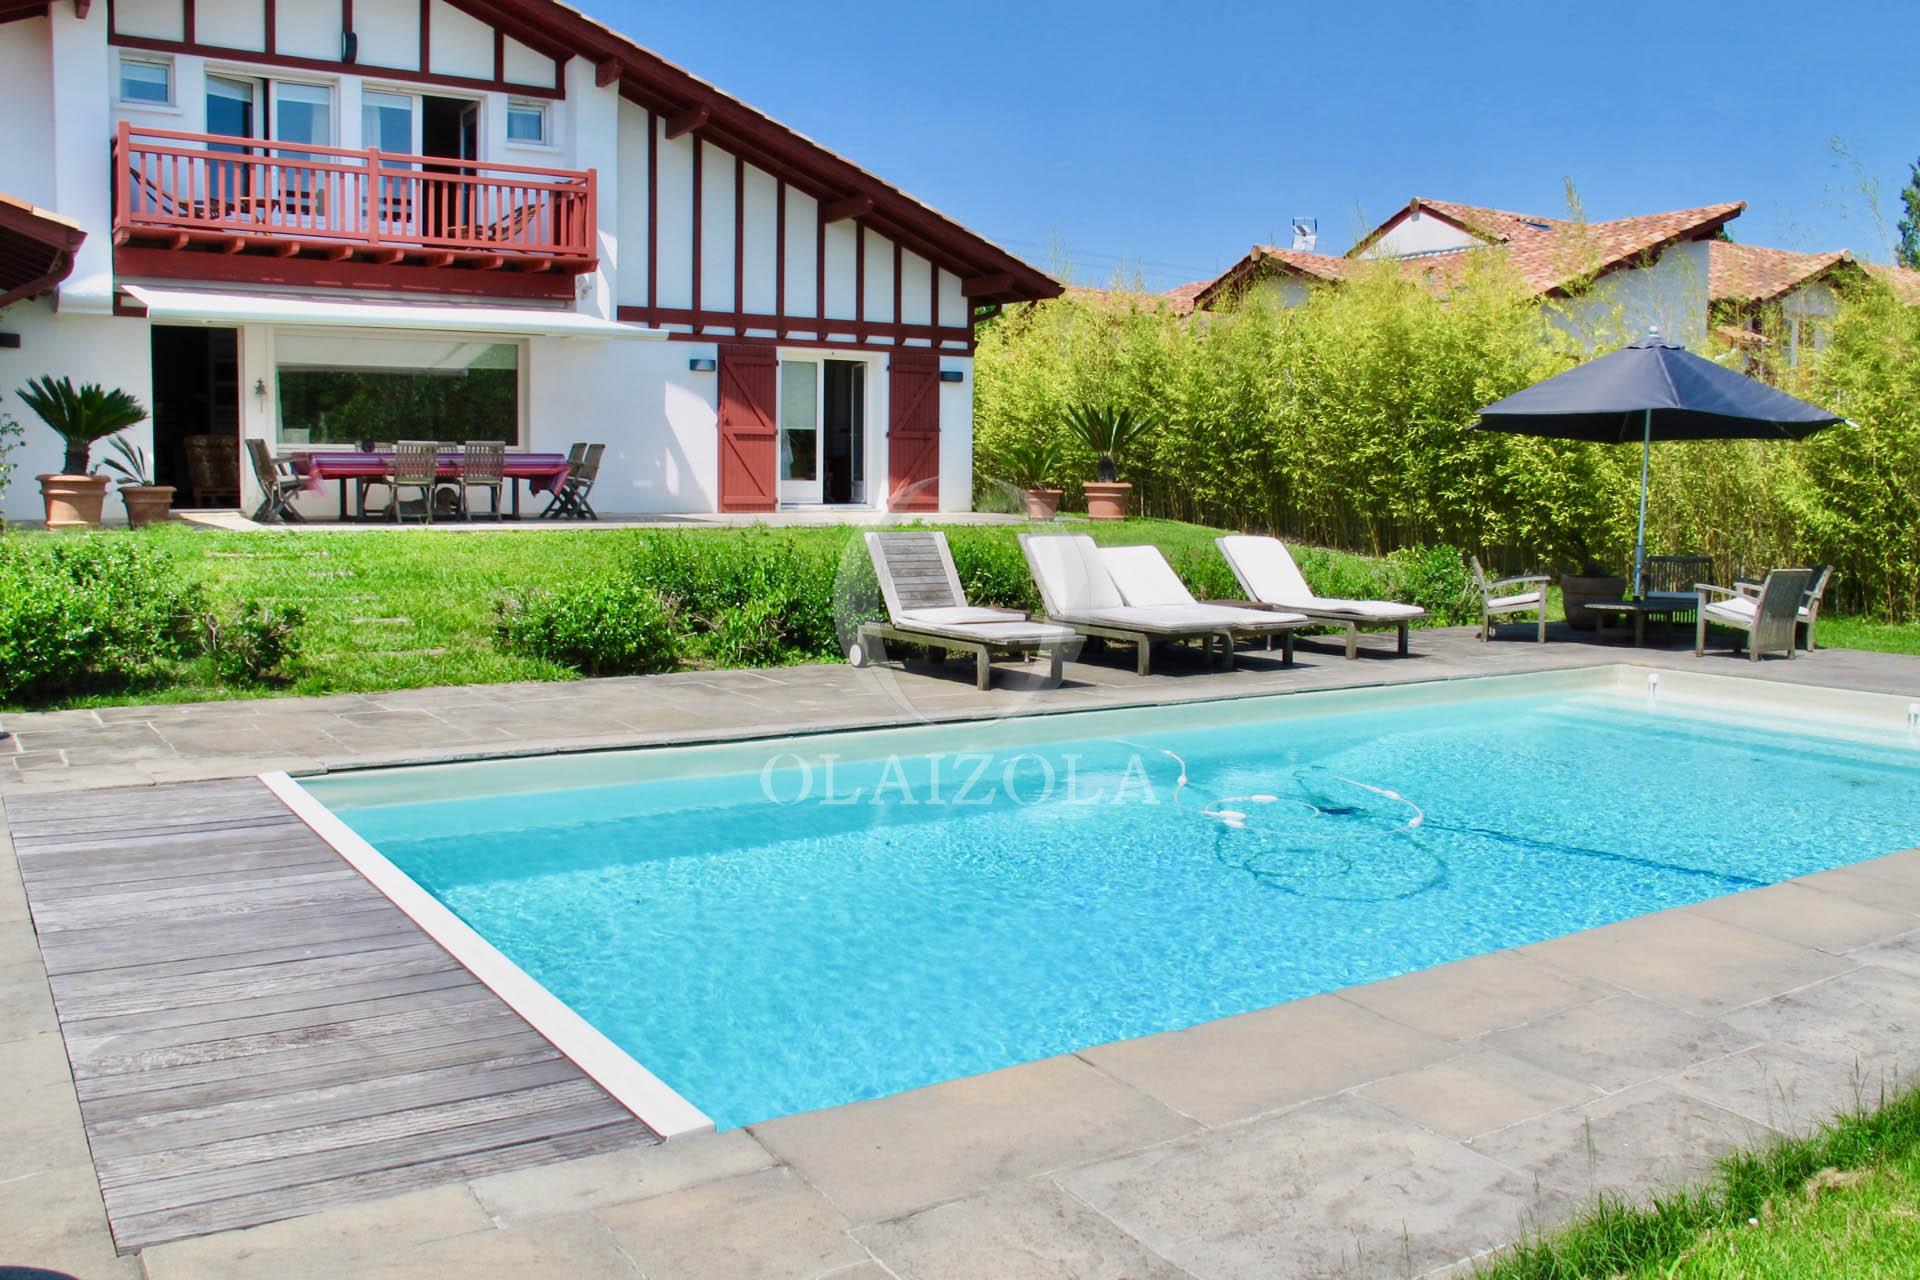 location de vacances arbonne villa de r ve aux portes de biarritz piscine chauff e salon. Black Bedroom Furniture Sets. Home Design Ideas